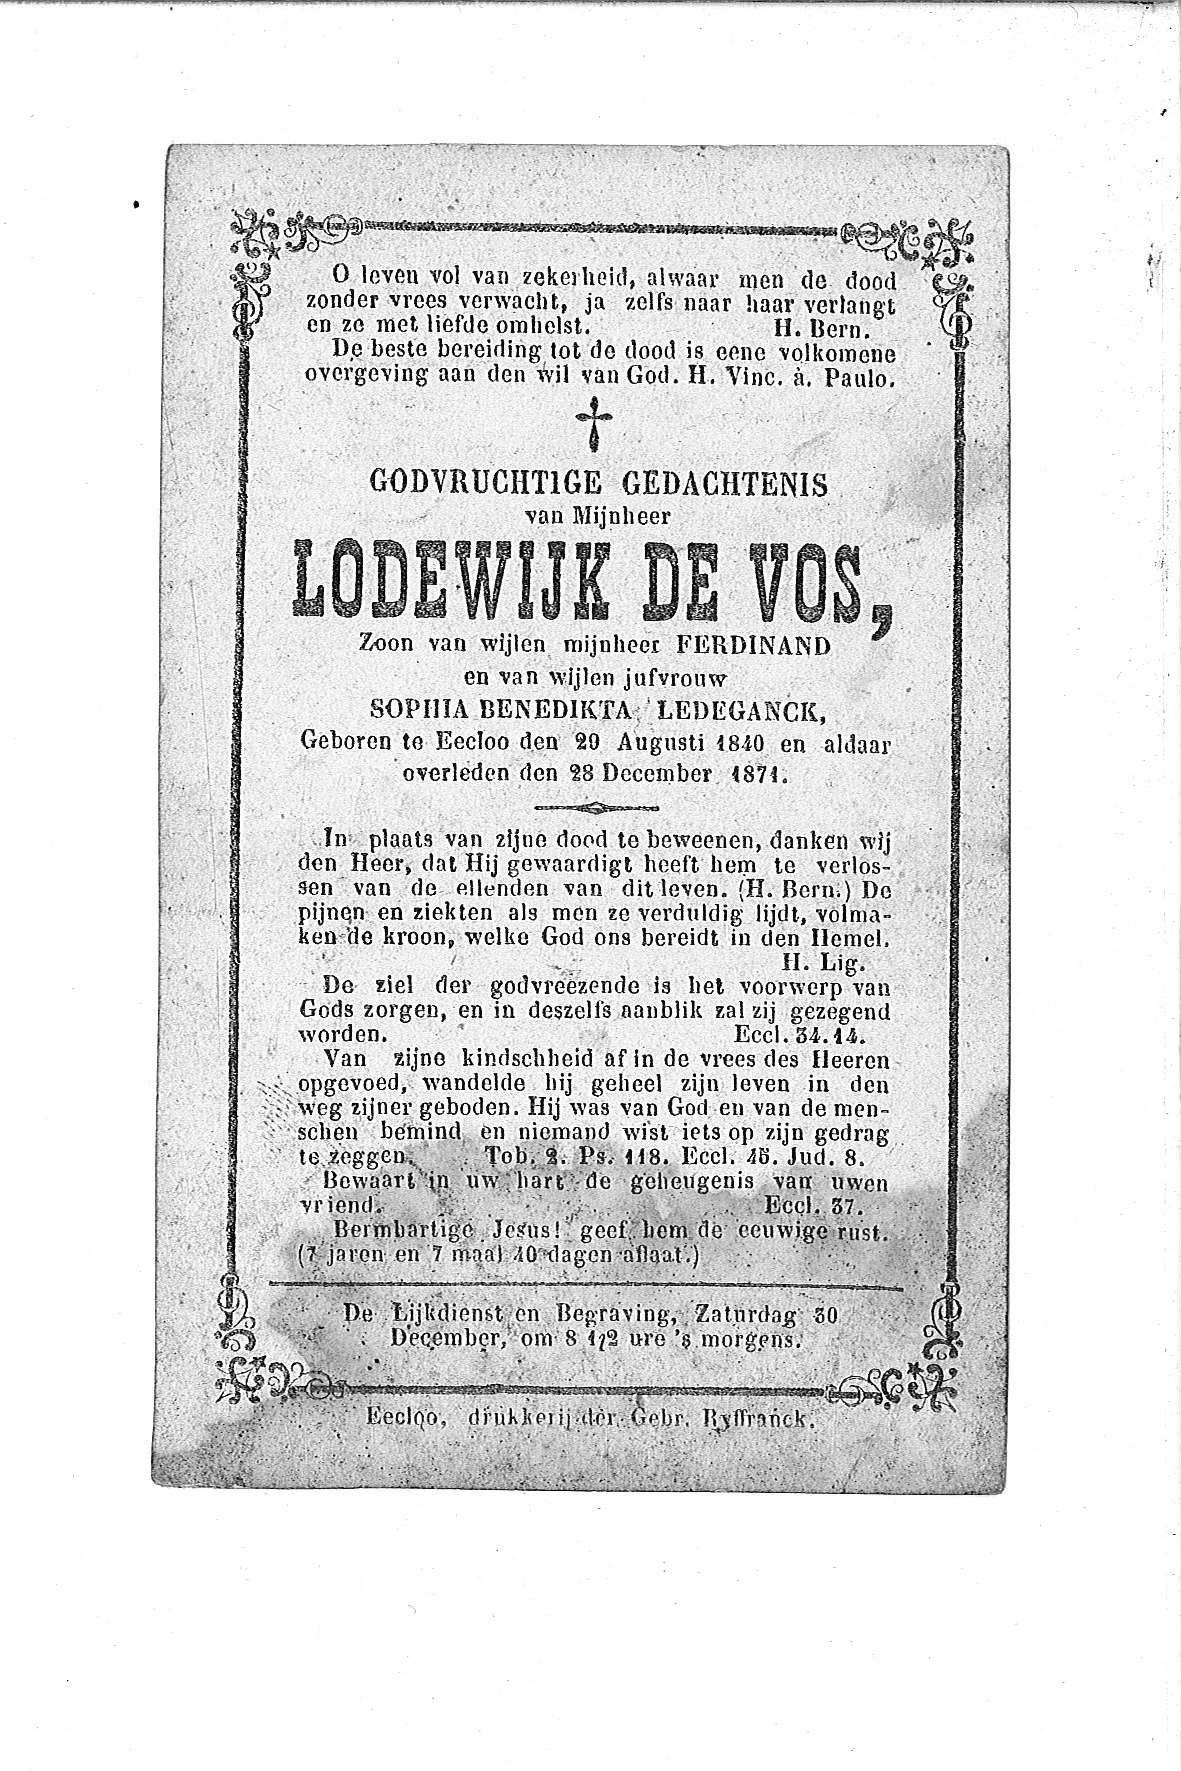 Lodewijk (1871) 20120229111258_00202.jpg